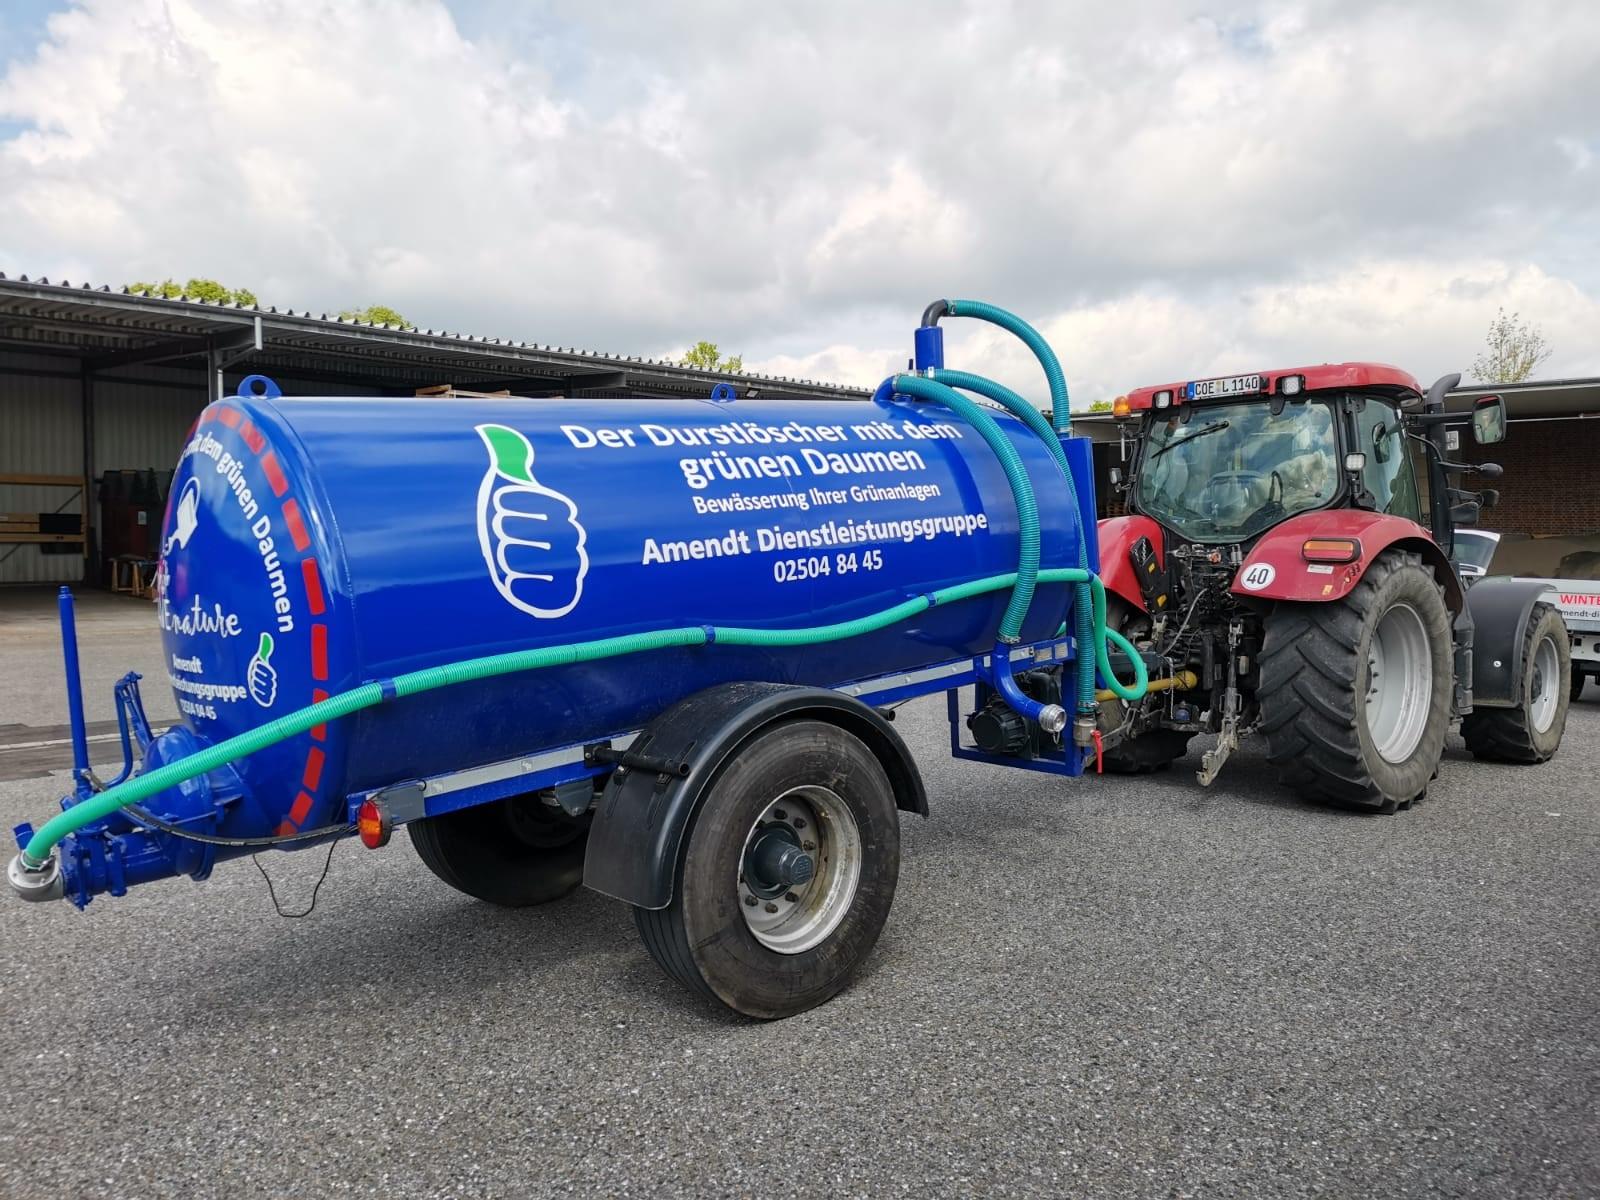 Wassertank, Der Durstlöscher mit dem grünen Daumen, Bewässerung